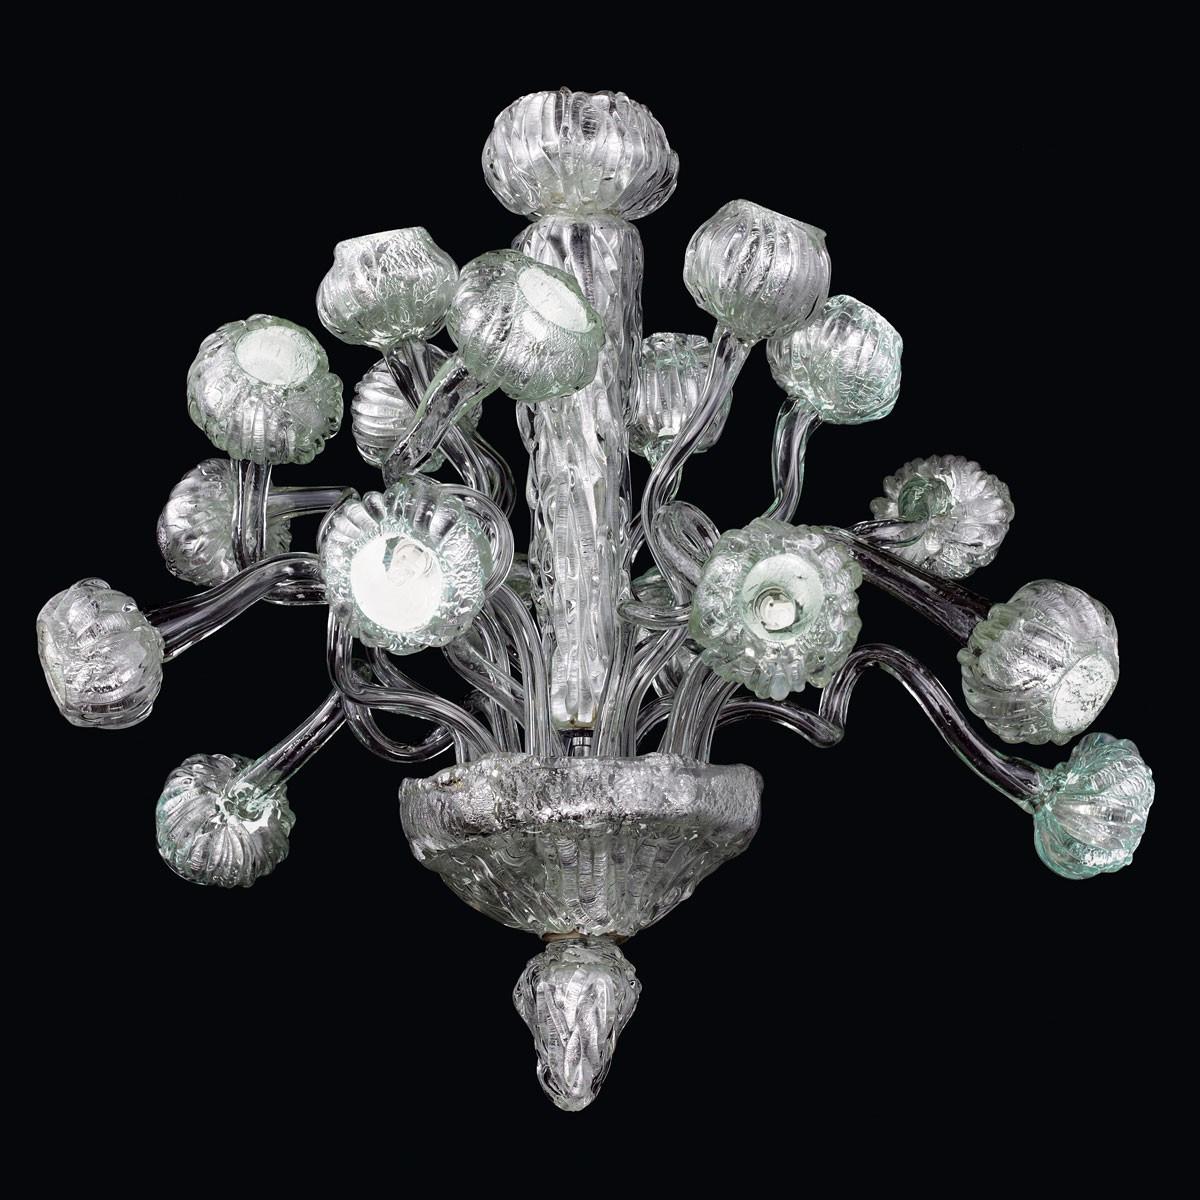 """""""Mizar"""" lampara de cristal de Murano - 18 luces"""